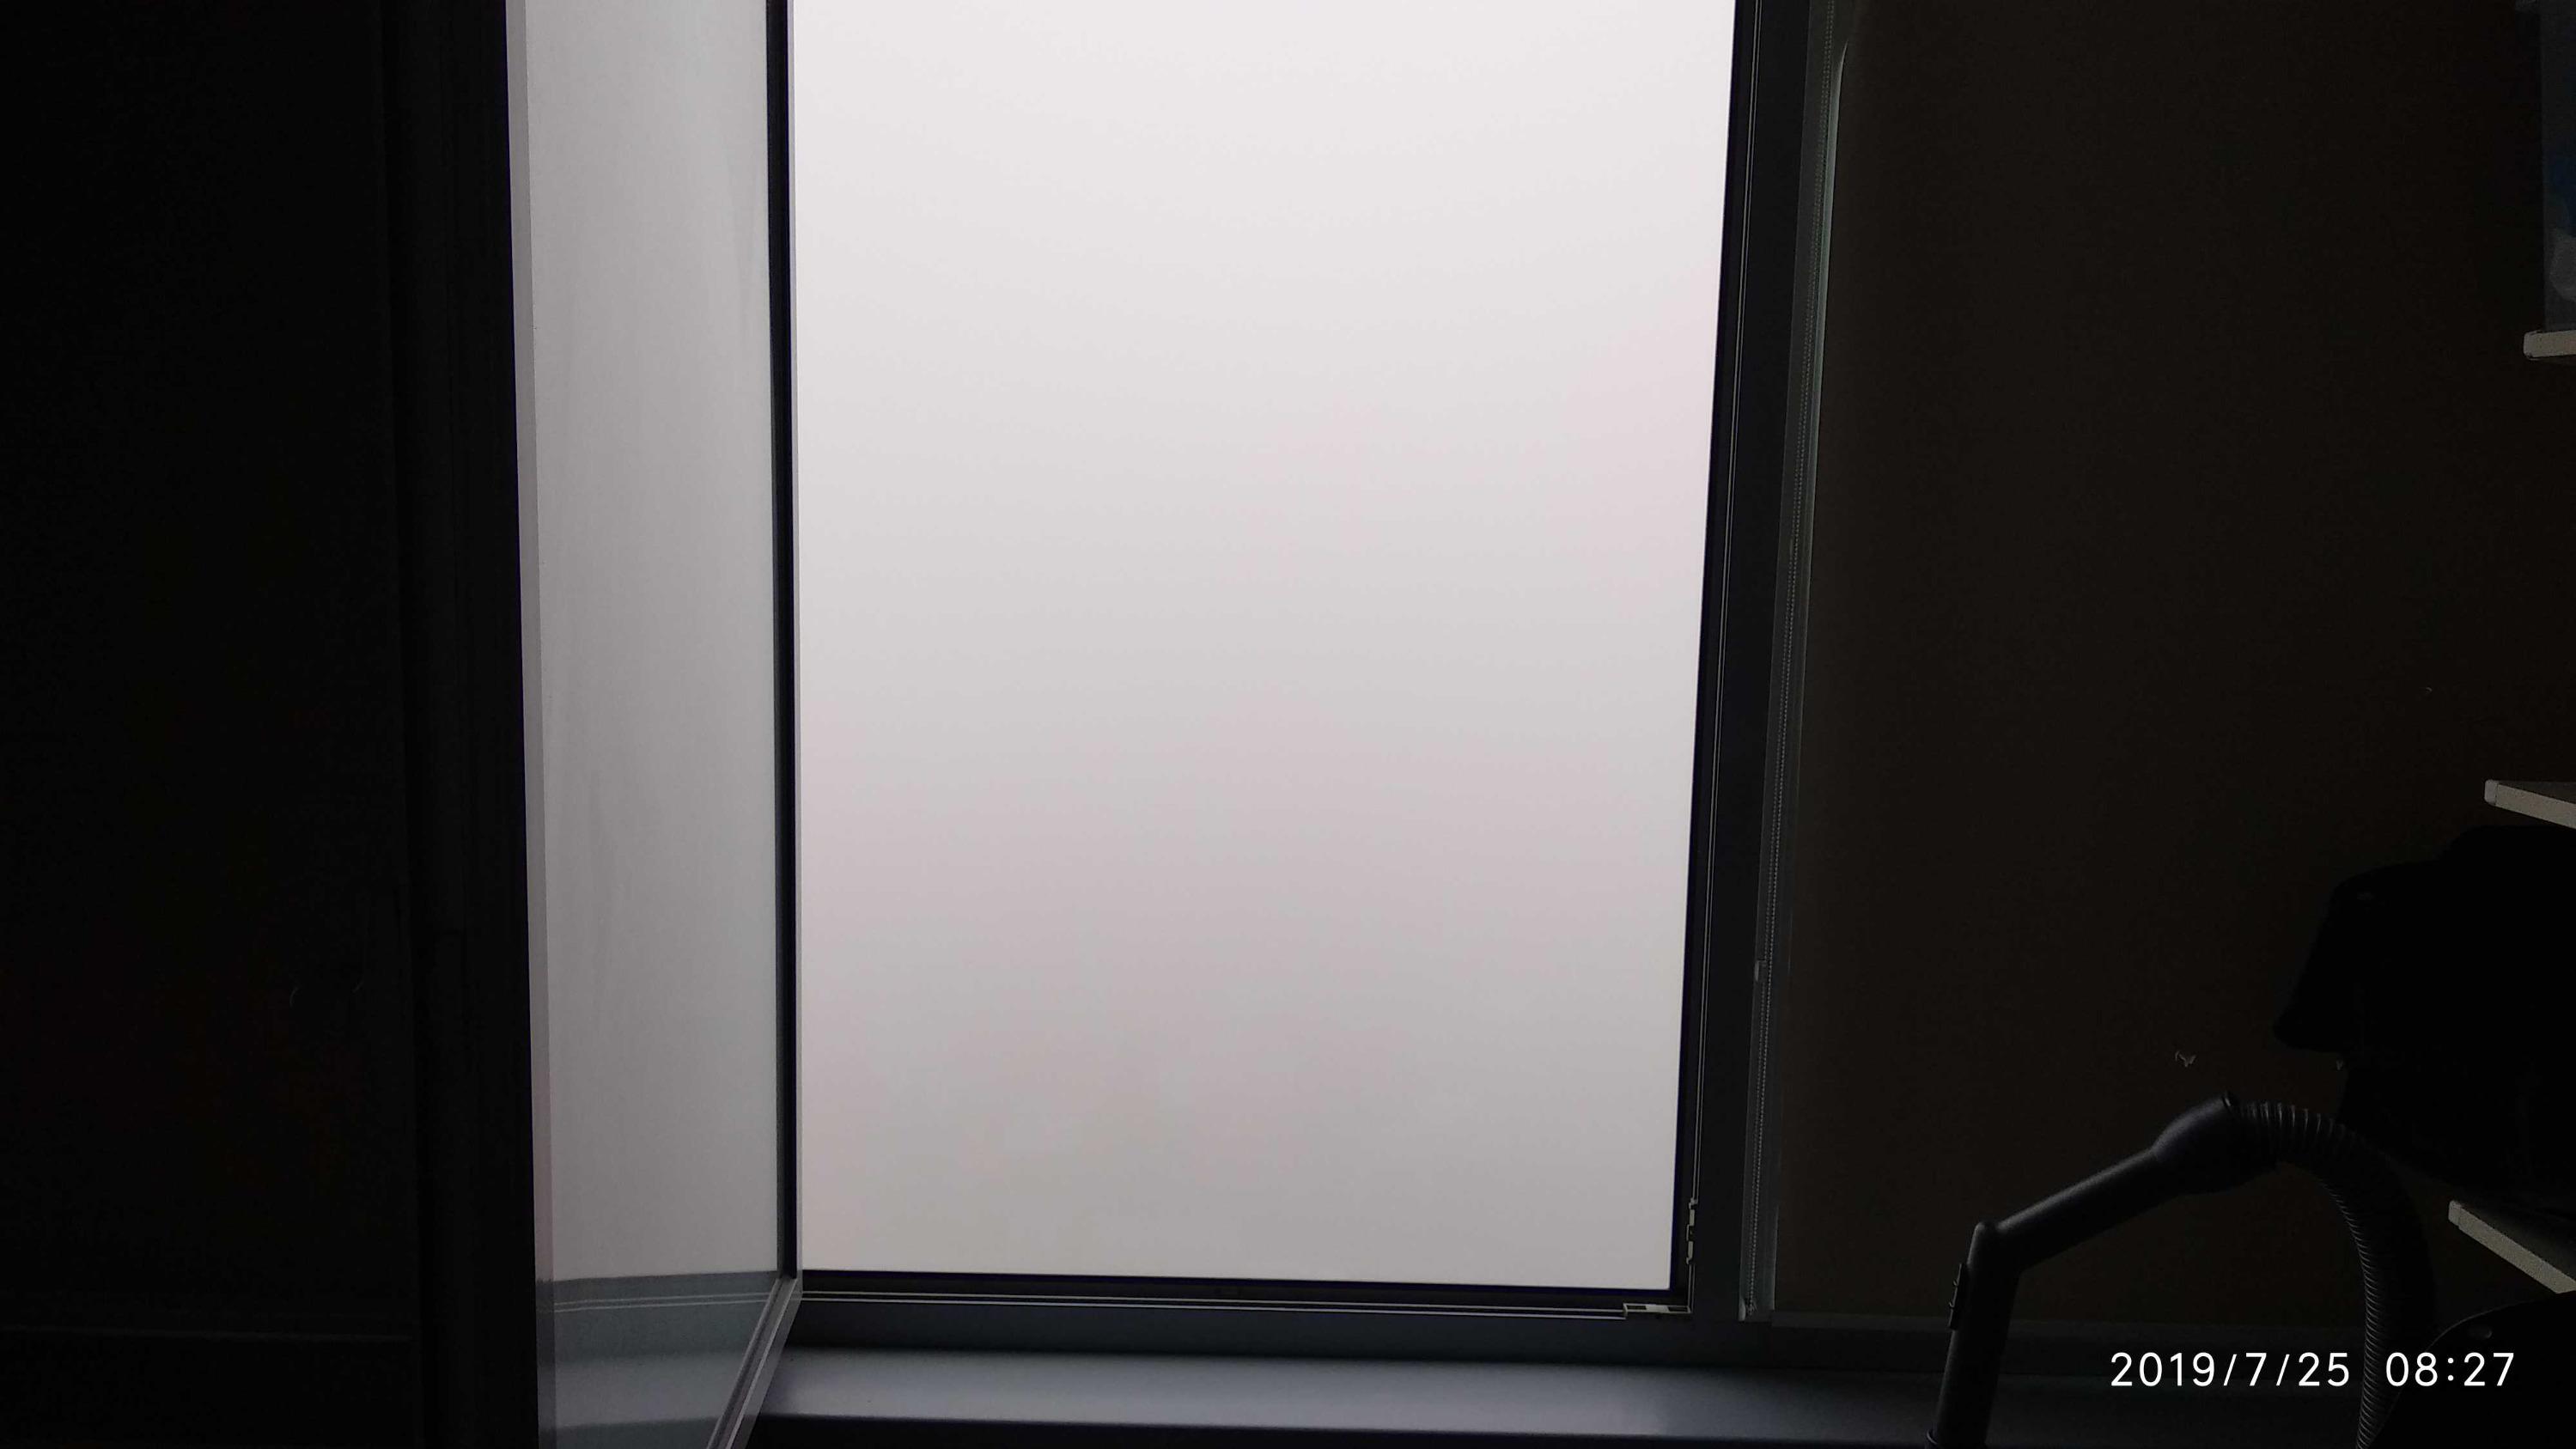 Вид из окна в 08:30 с 13-го этажа. «Напоминает The Mist Стивена Кинга», — пишет в редакцию читательница Надежда